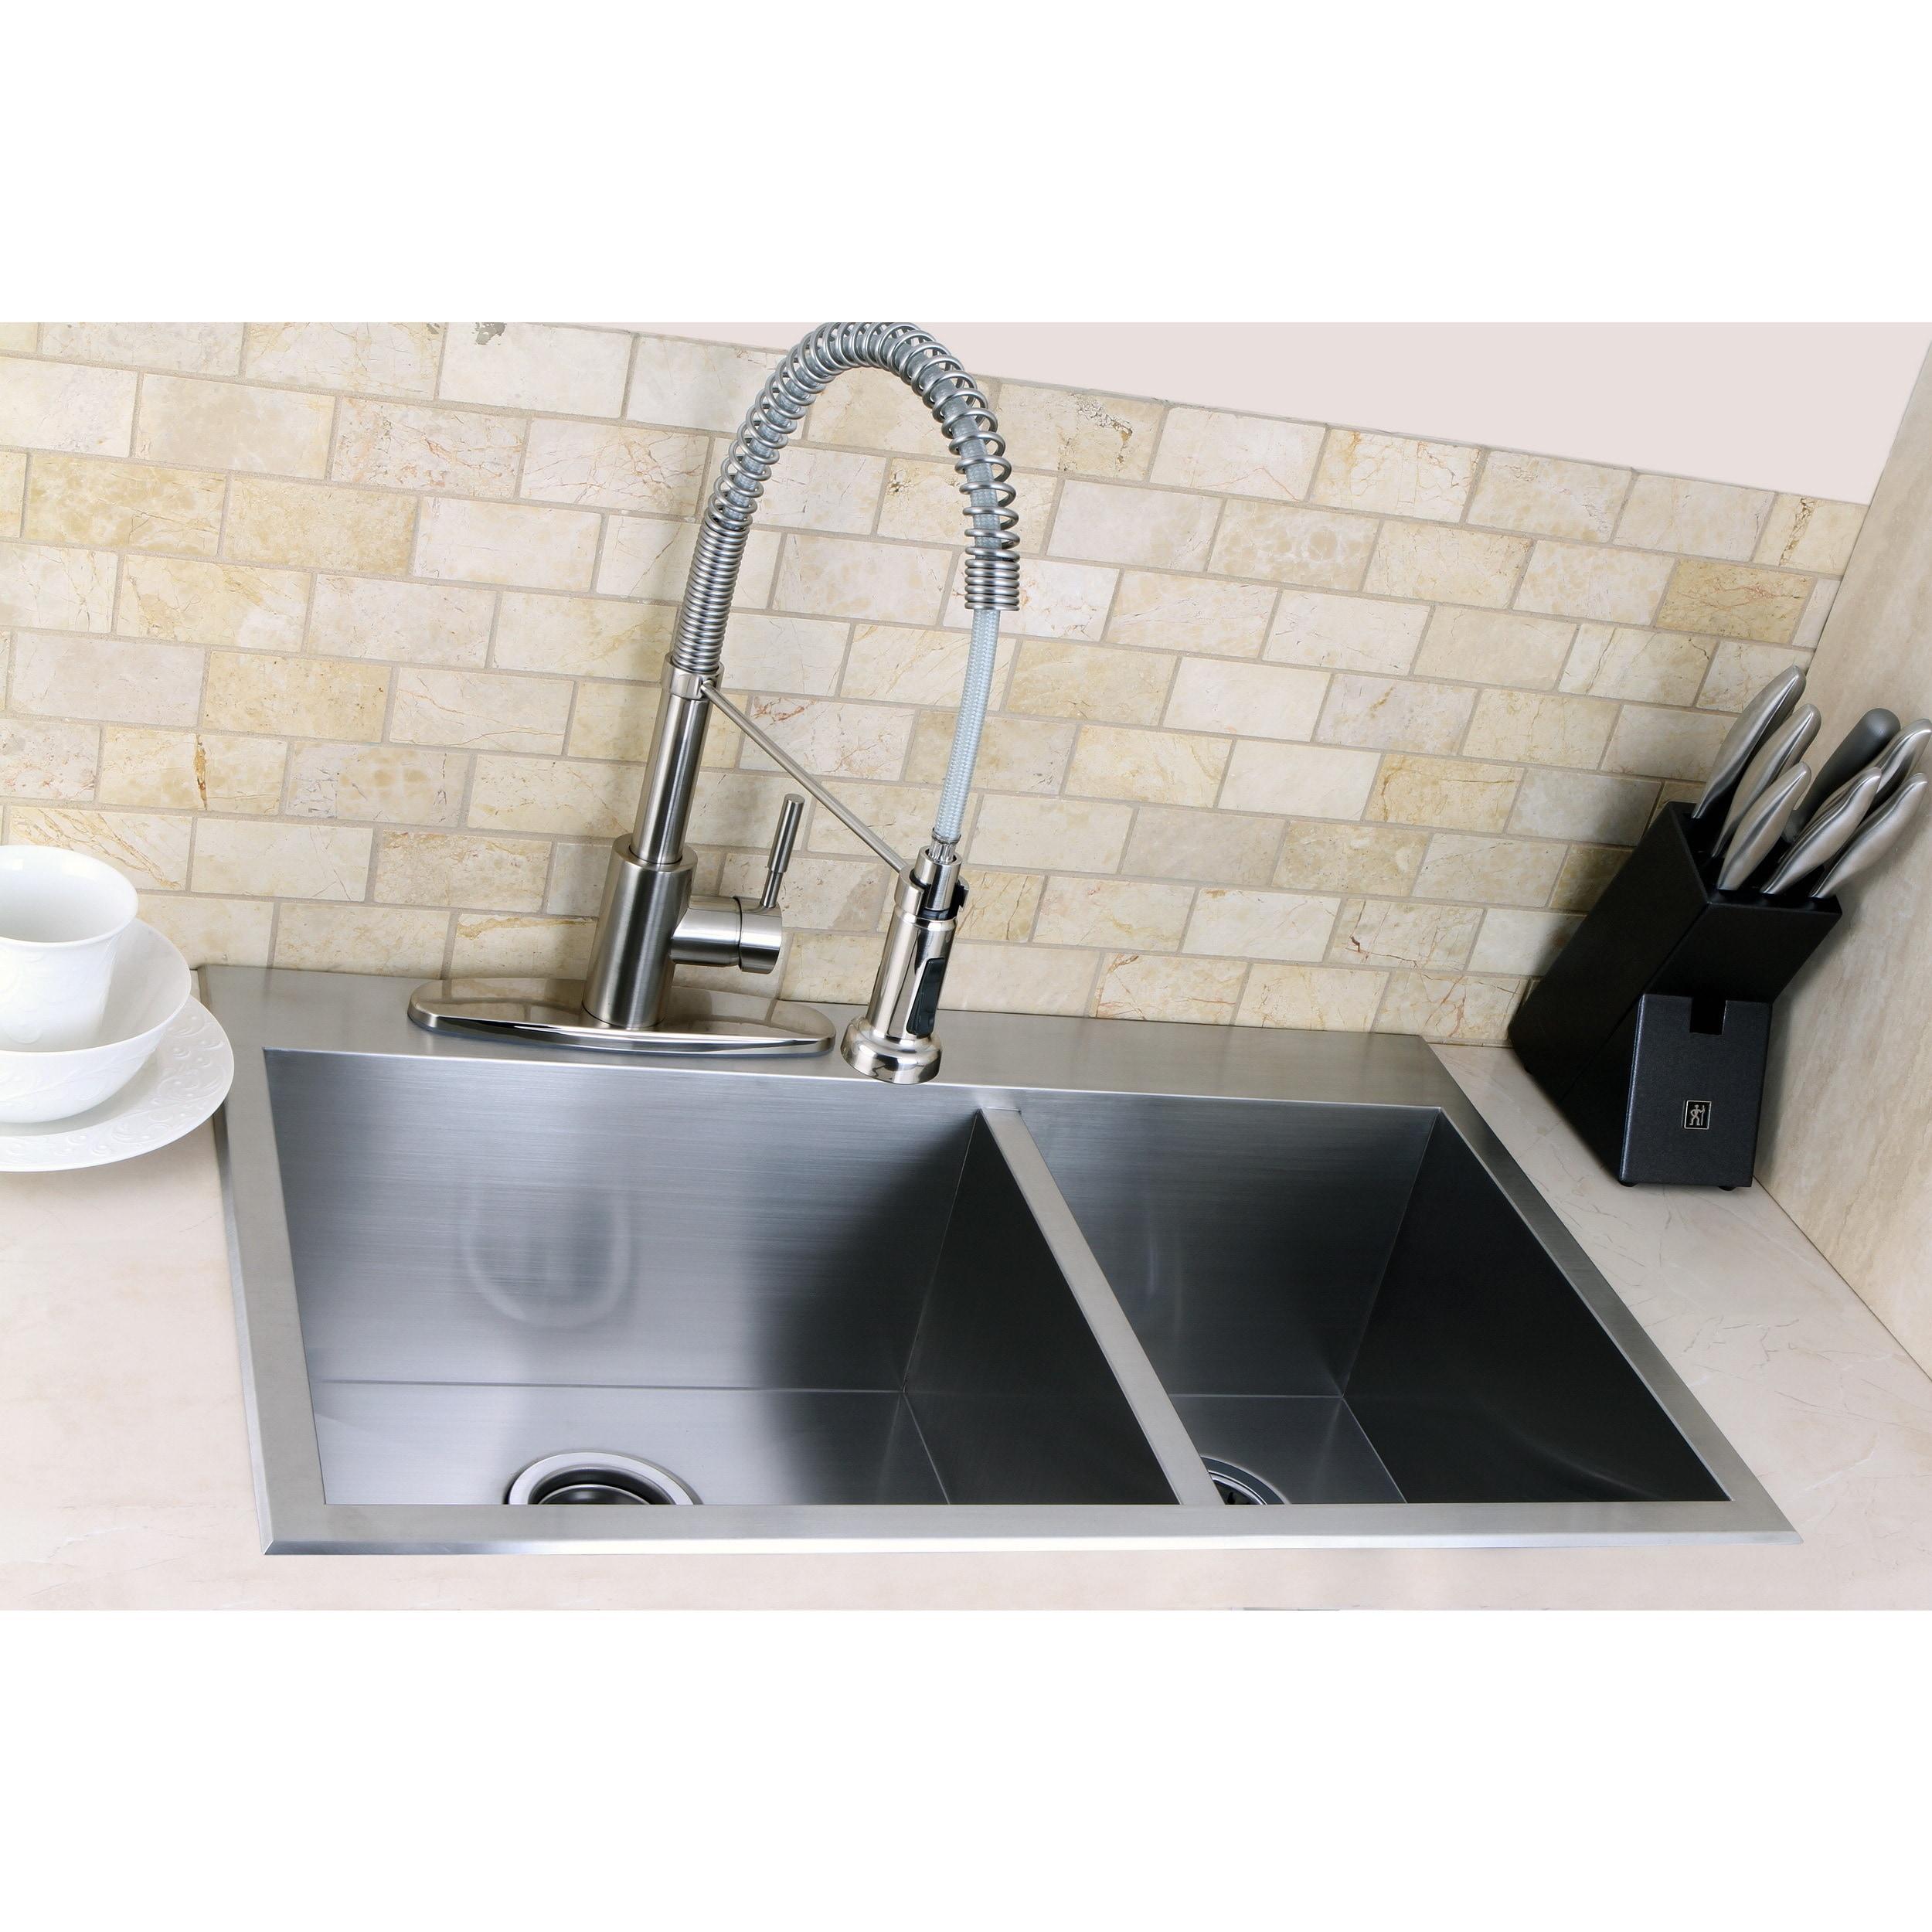 Top Mount Kitchen Sinks : ... Steel Kitchen Sink - Overstock Shopping - Great Deals on Kitchen Sinks